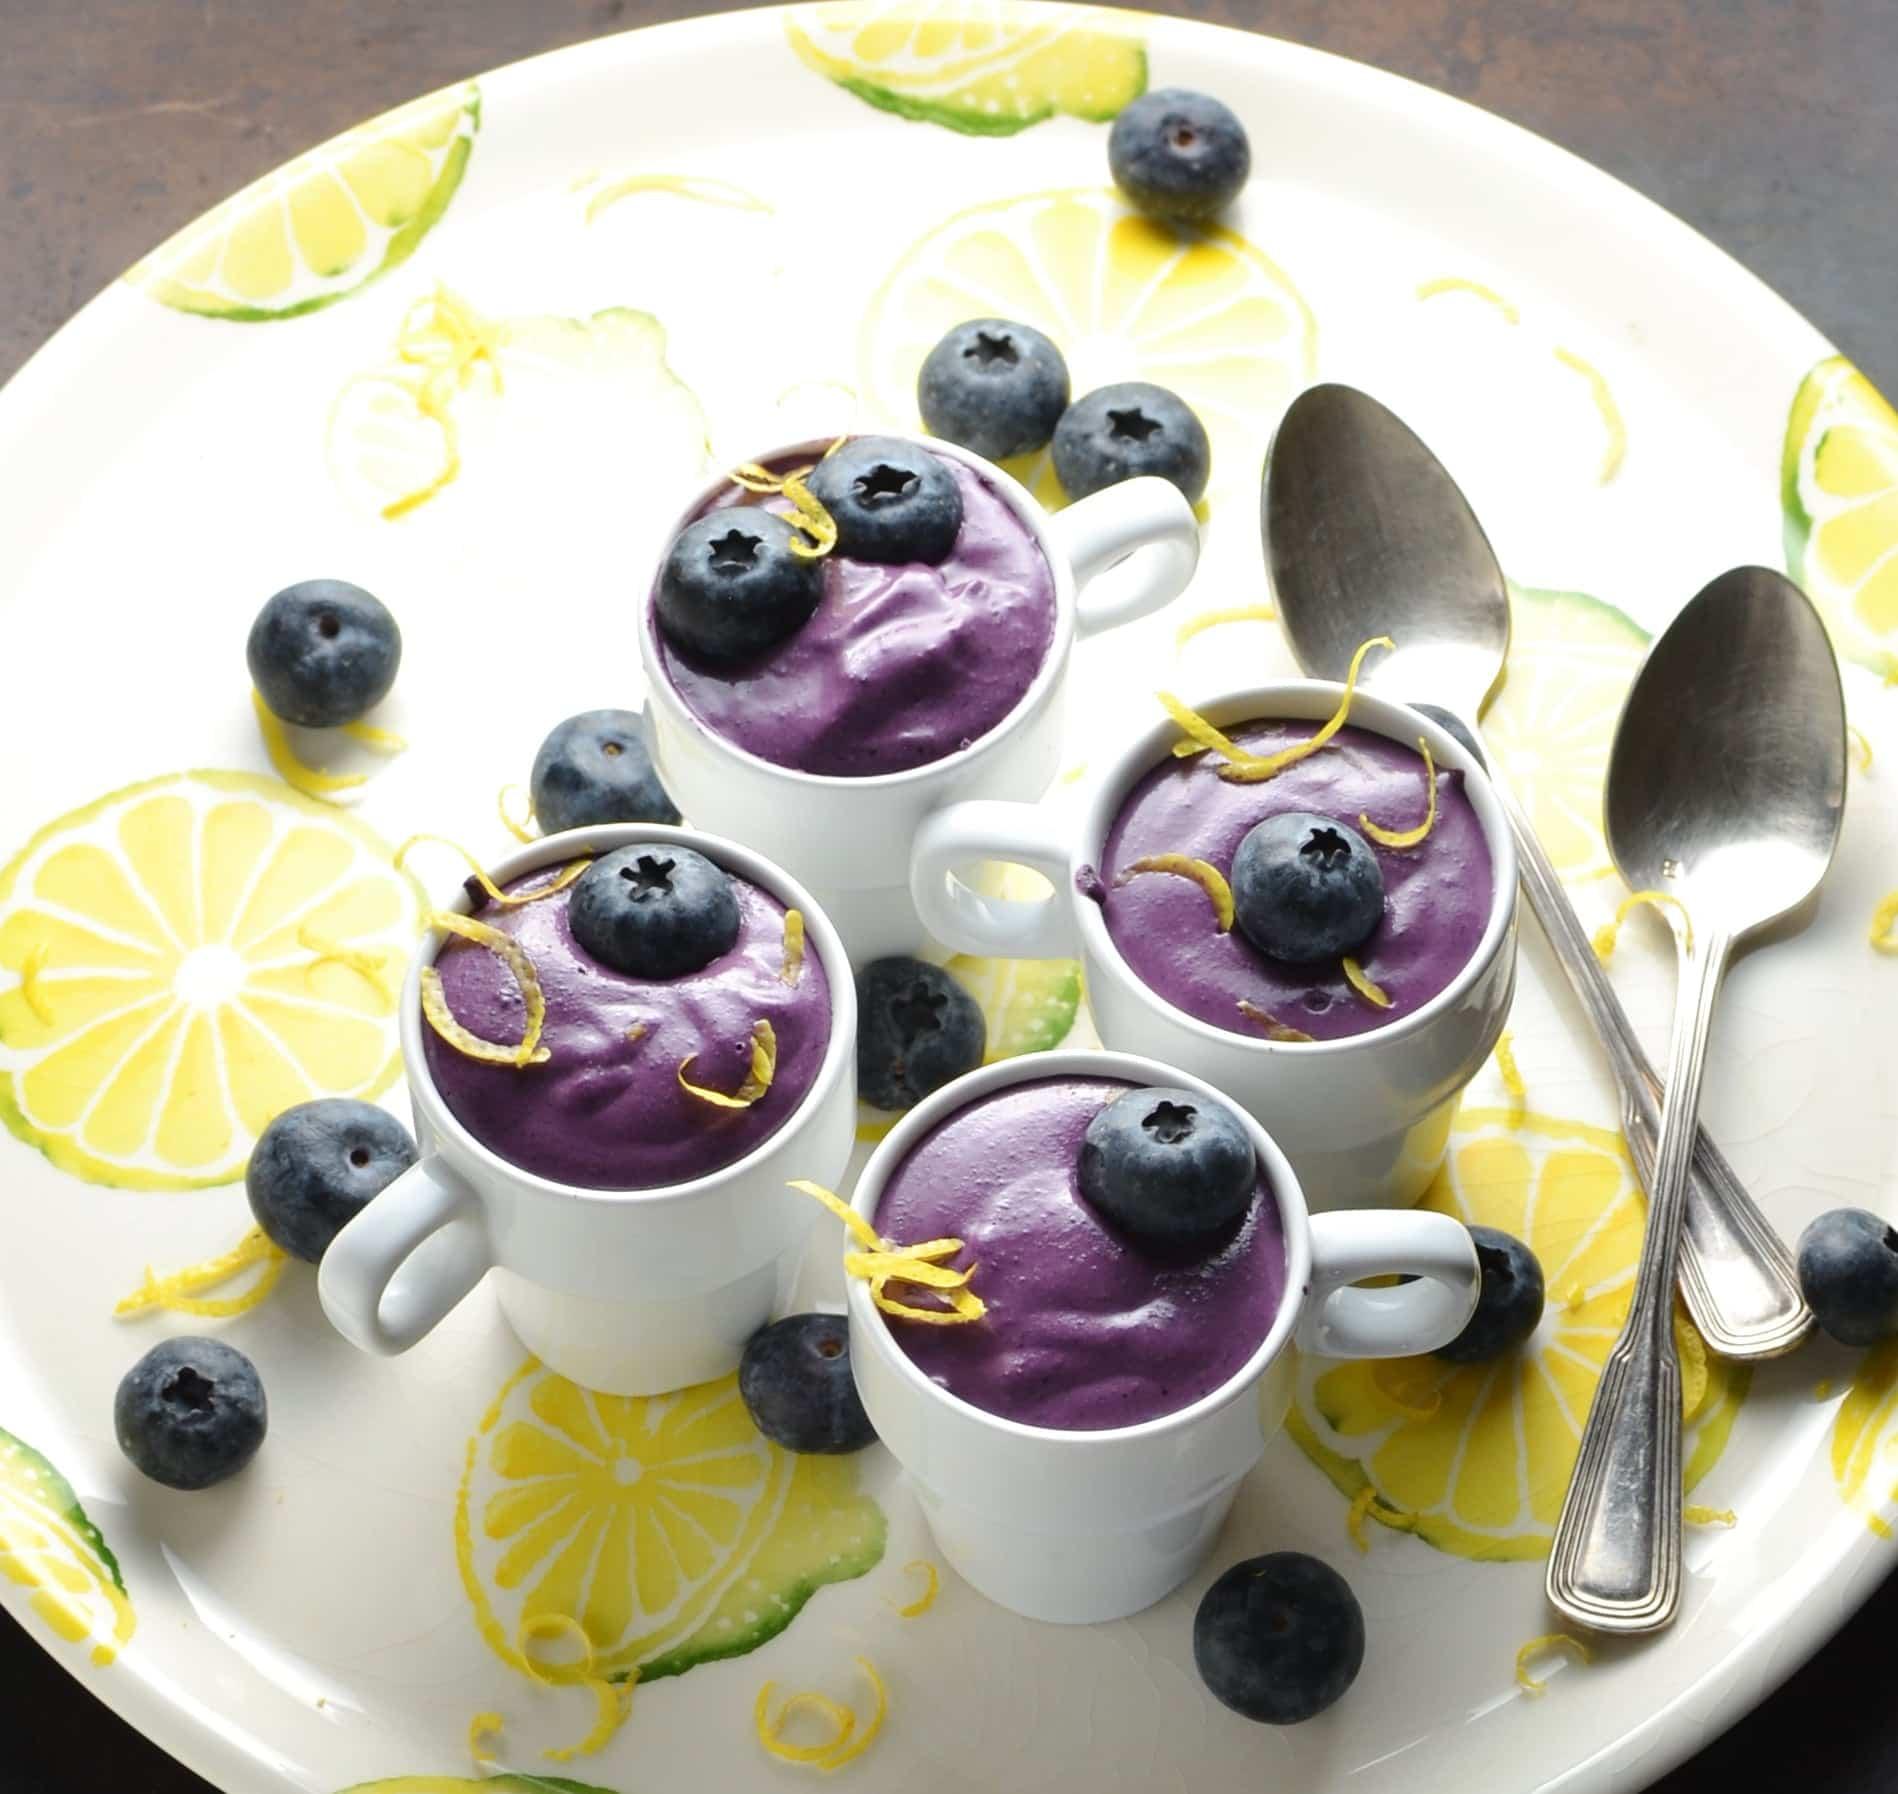 5-Ingredient Blueberry Cream Cheese Dessert